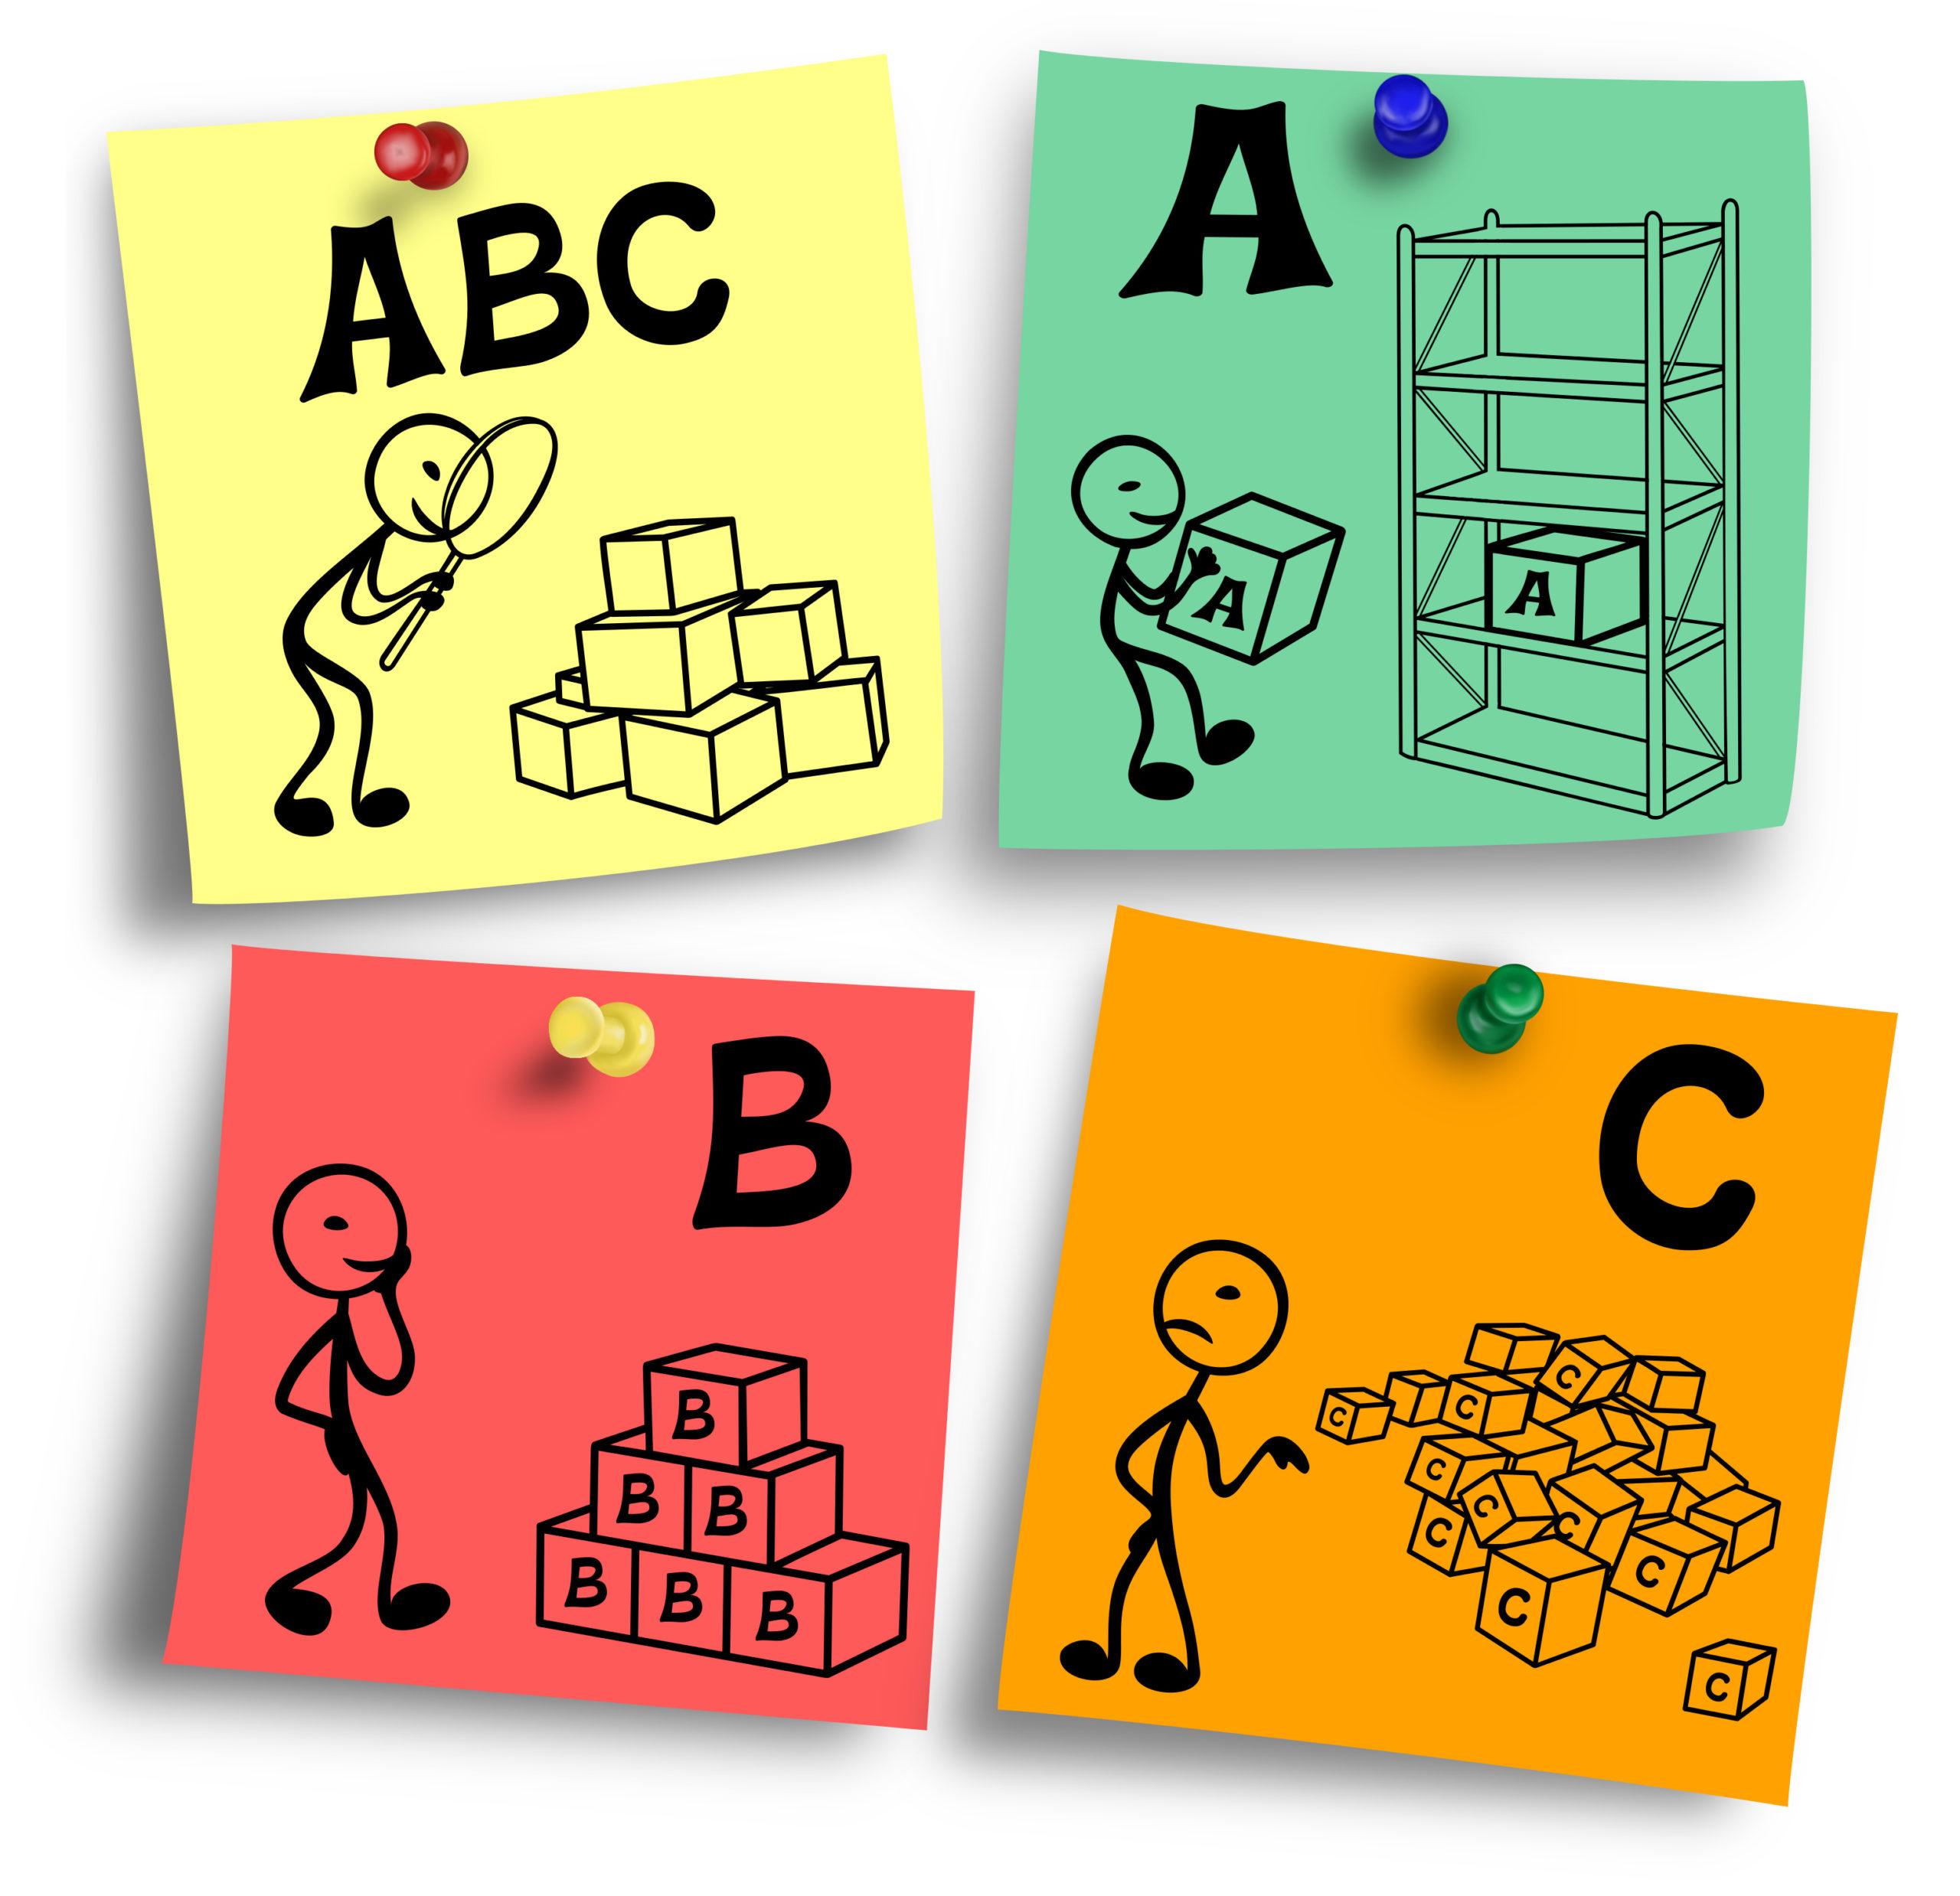 grundsätzliche ABC-Analyse Prinzipien